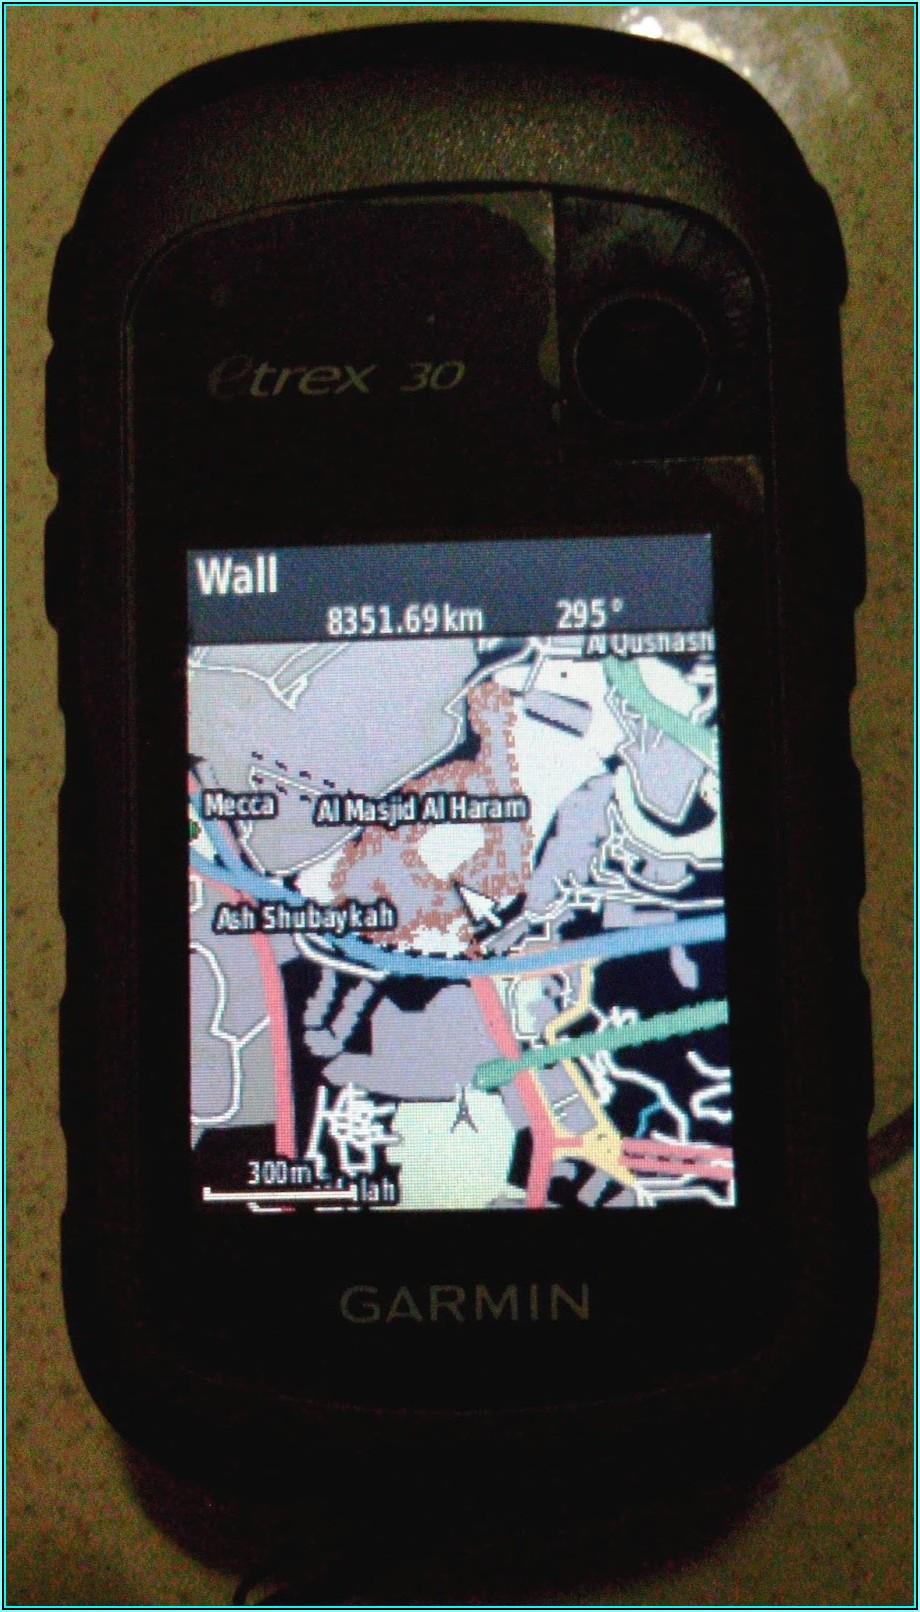 Garmin Etrex 30 Free Maps Download